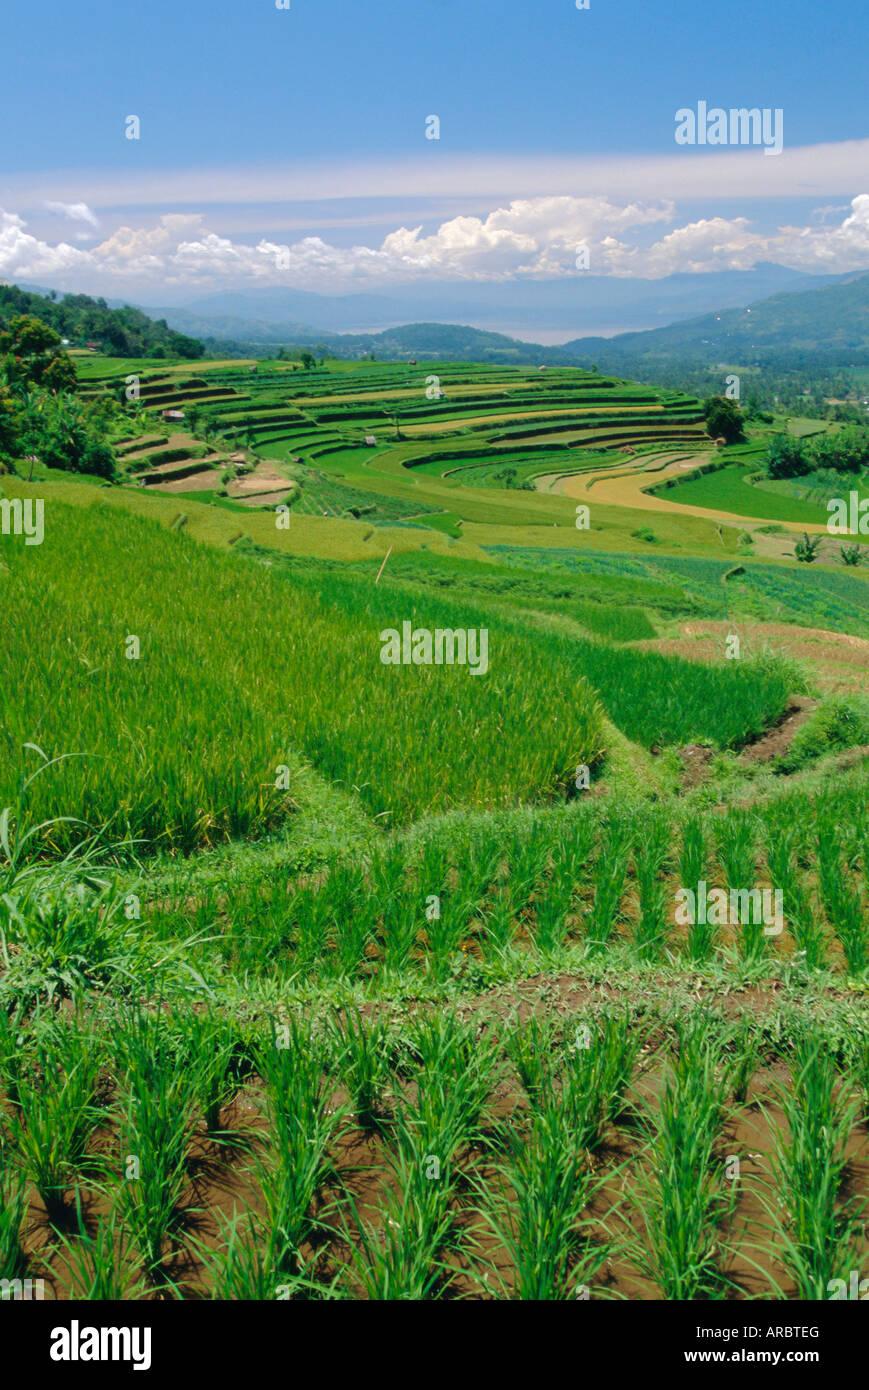 Rice terraces of the Minangkabau, a local matrilineal indigenous ethnic group, near Bukittingi, Sumatra, Indonesia - Stock Image